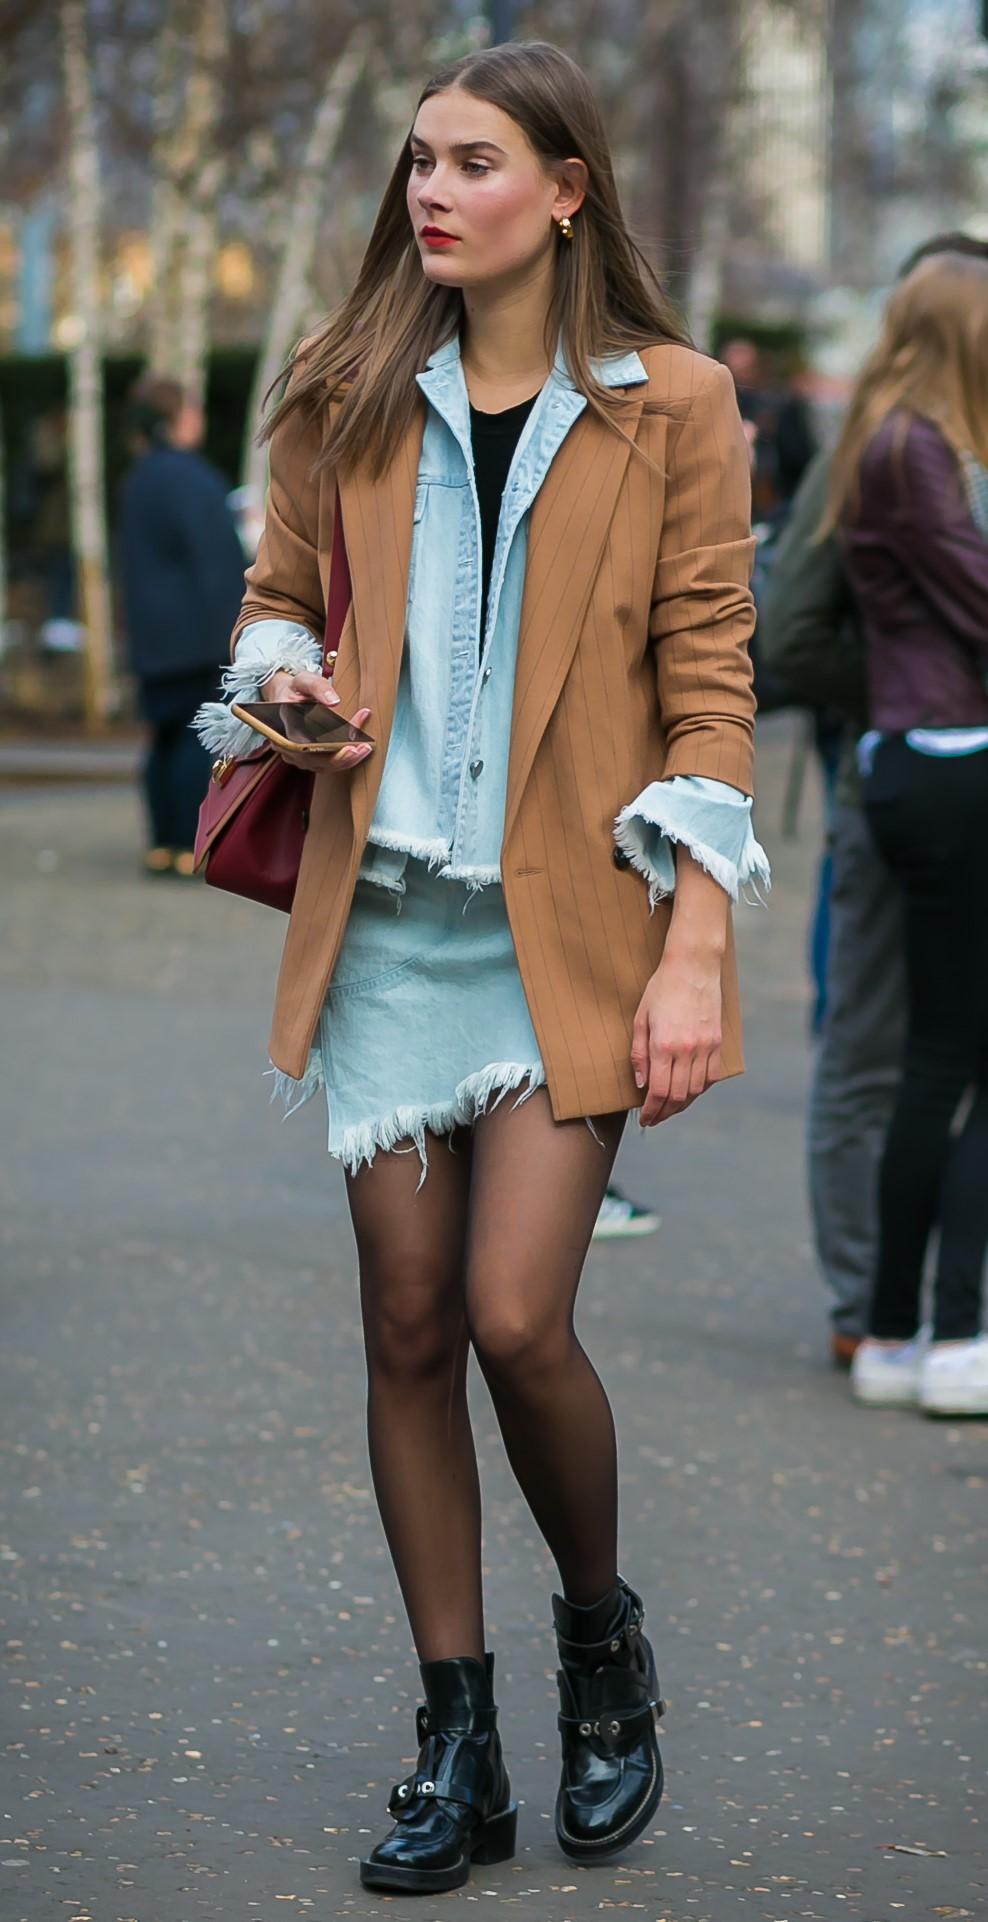 blue-light-mini-skirt-camel-jacket-blazer-layer-blue-light-jacket-jean-black-tee-black-tights-black-shoe-booties-hairr-burgundy-bag-fall-winter-weekend.jpg